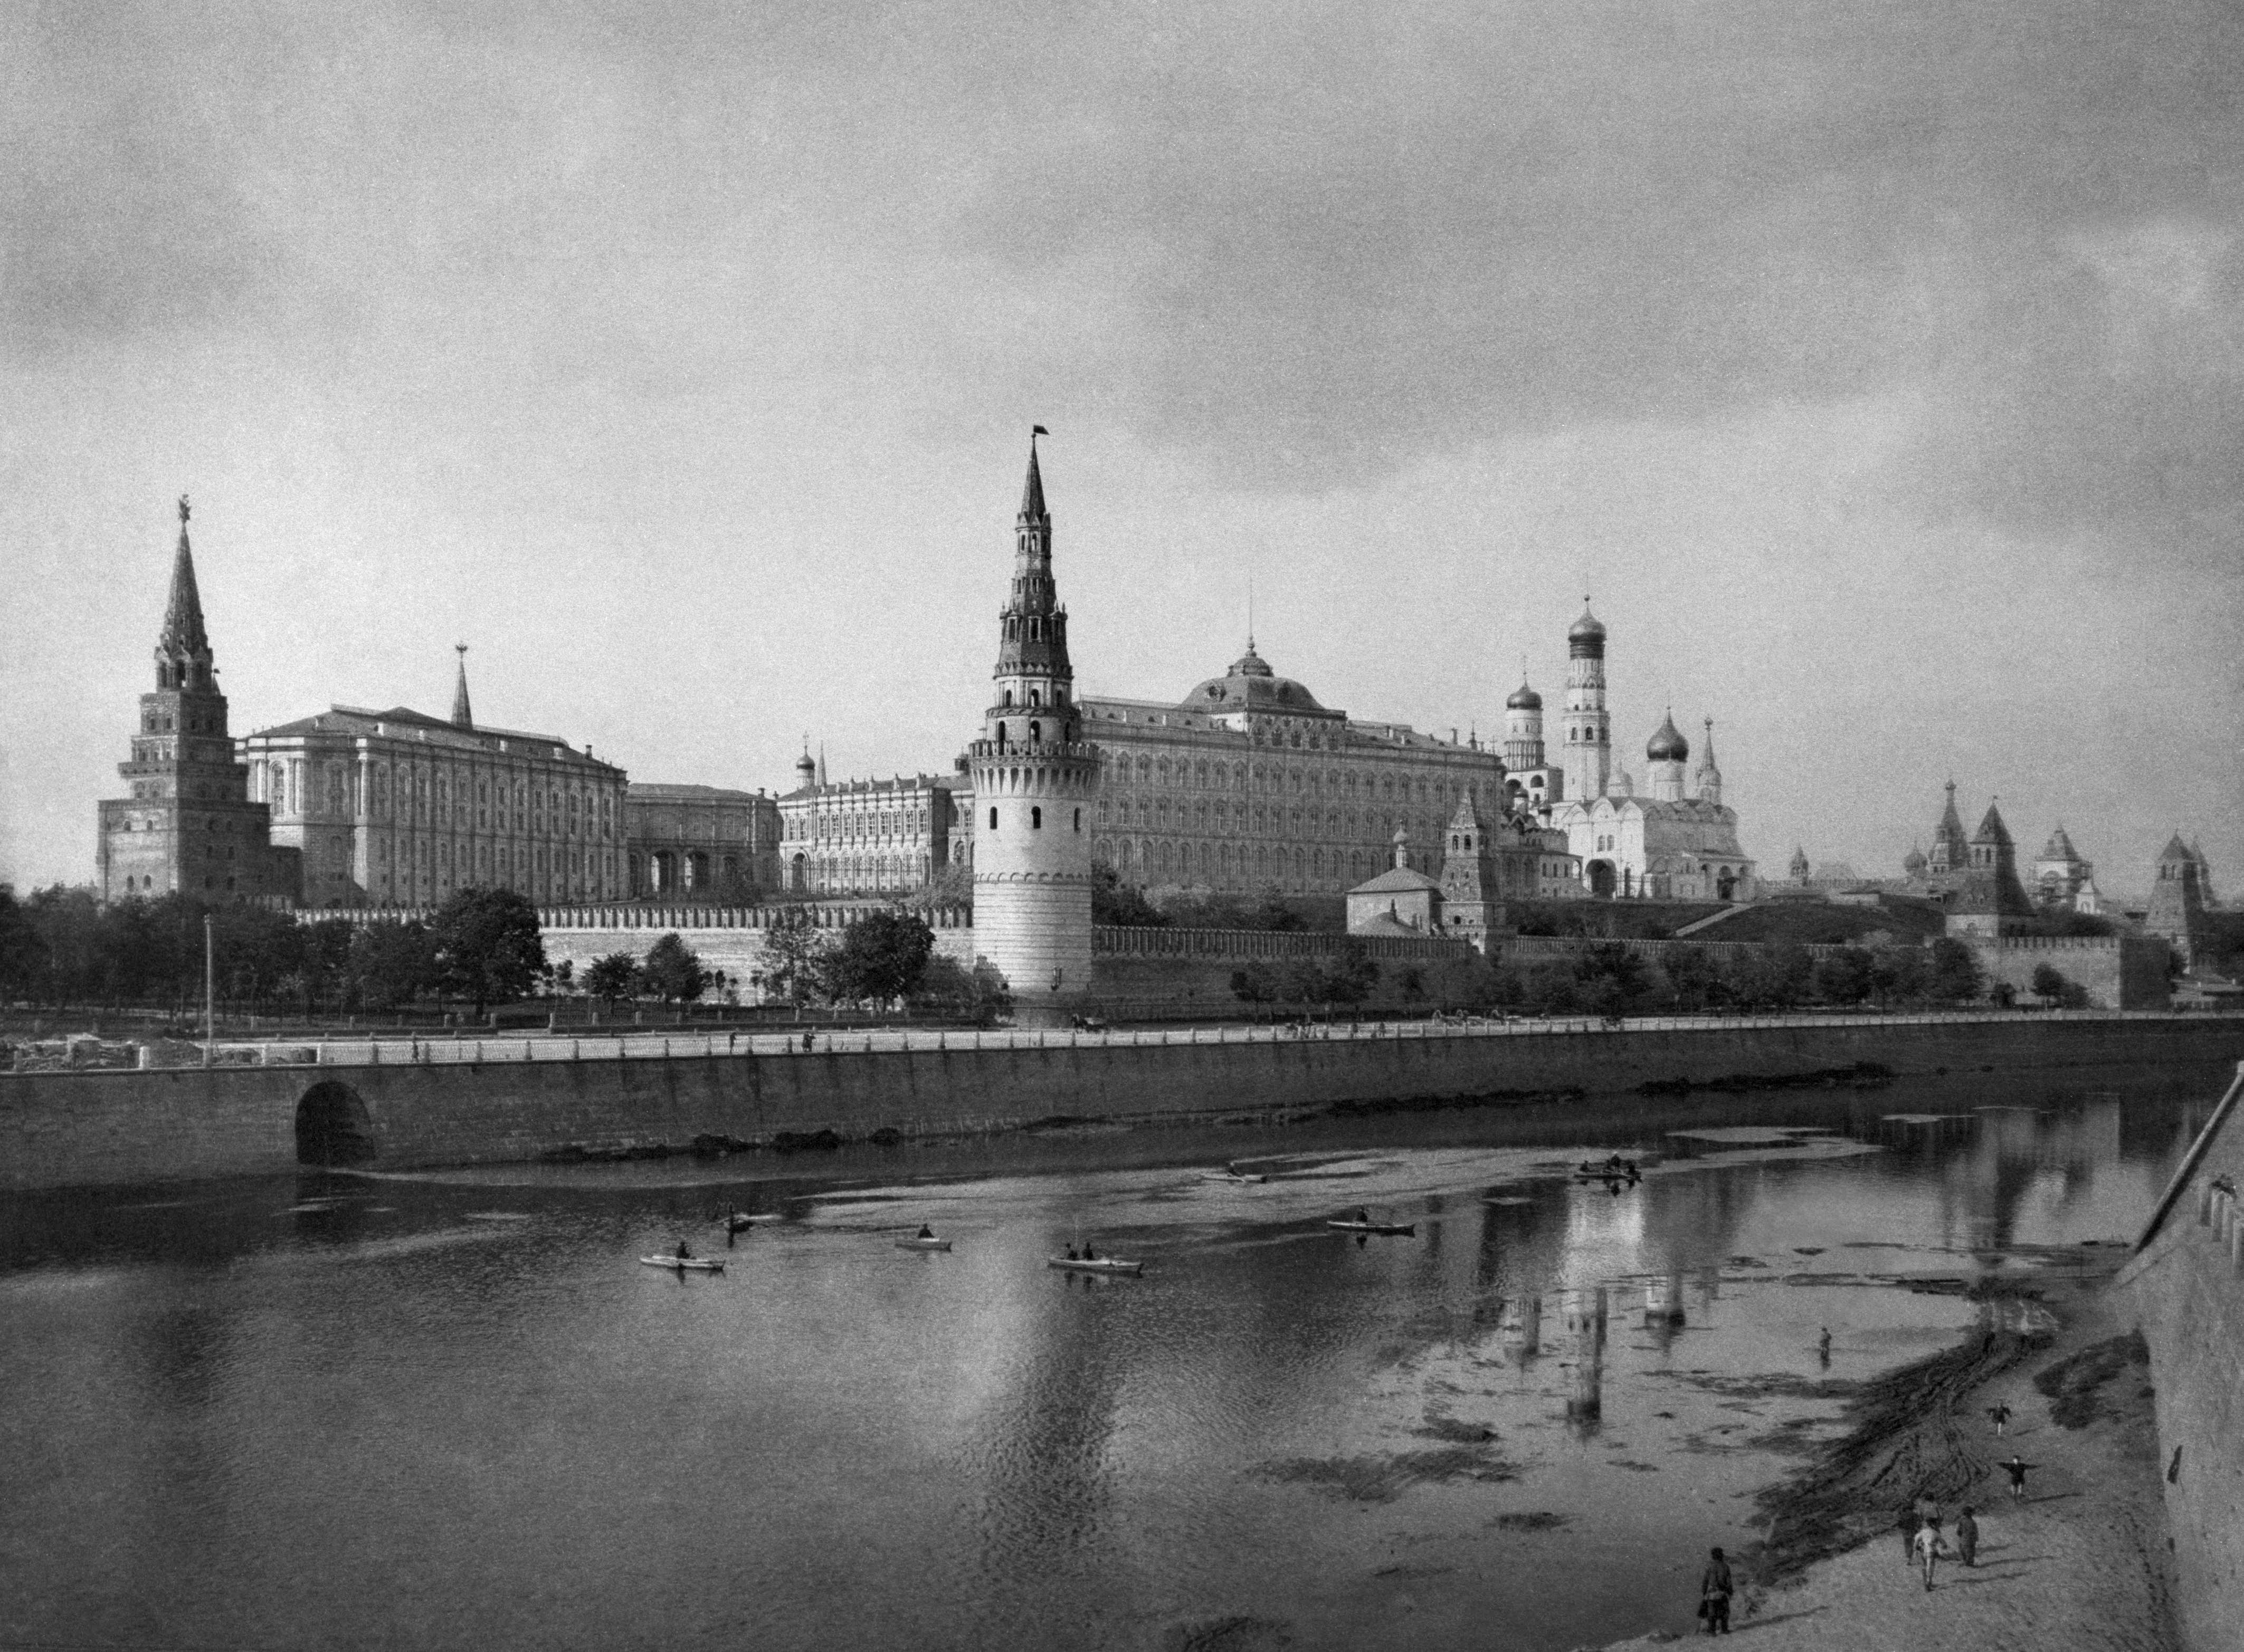 П.П. Павлов. Вид на Московский Кремль и Кремлевскую набережную. 1891–1900-е гг.